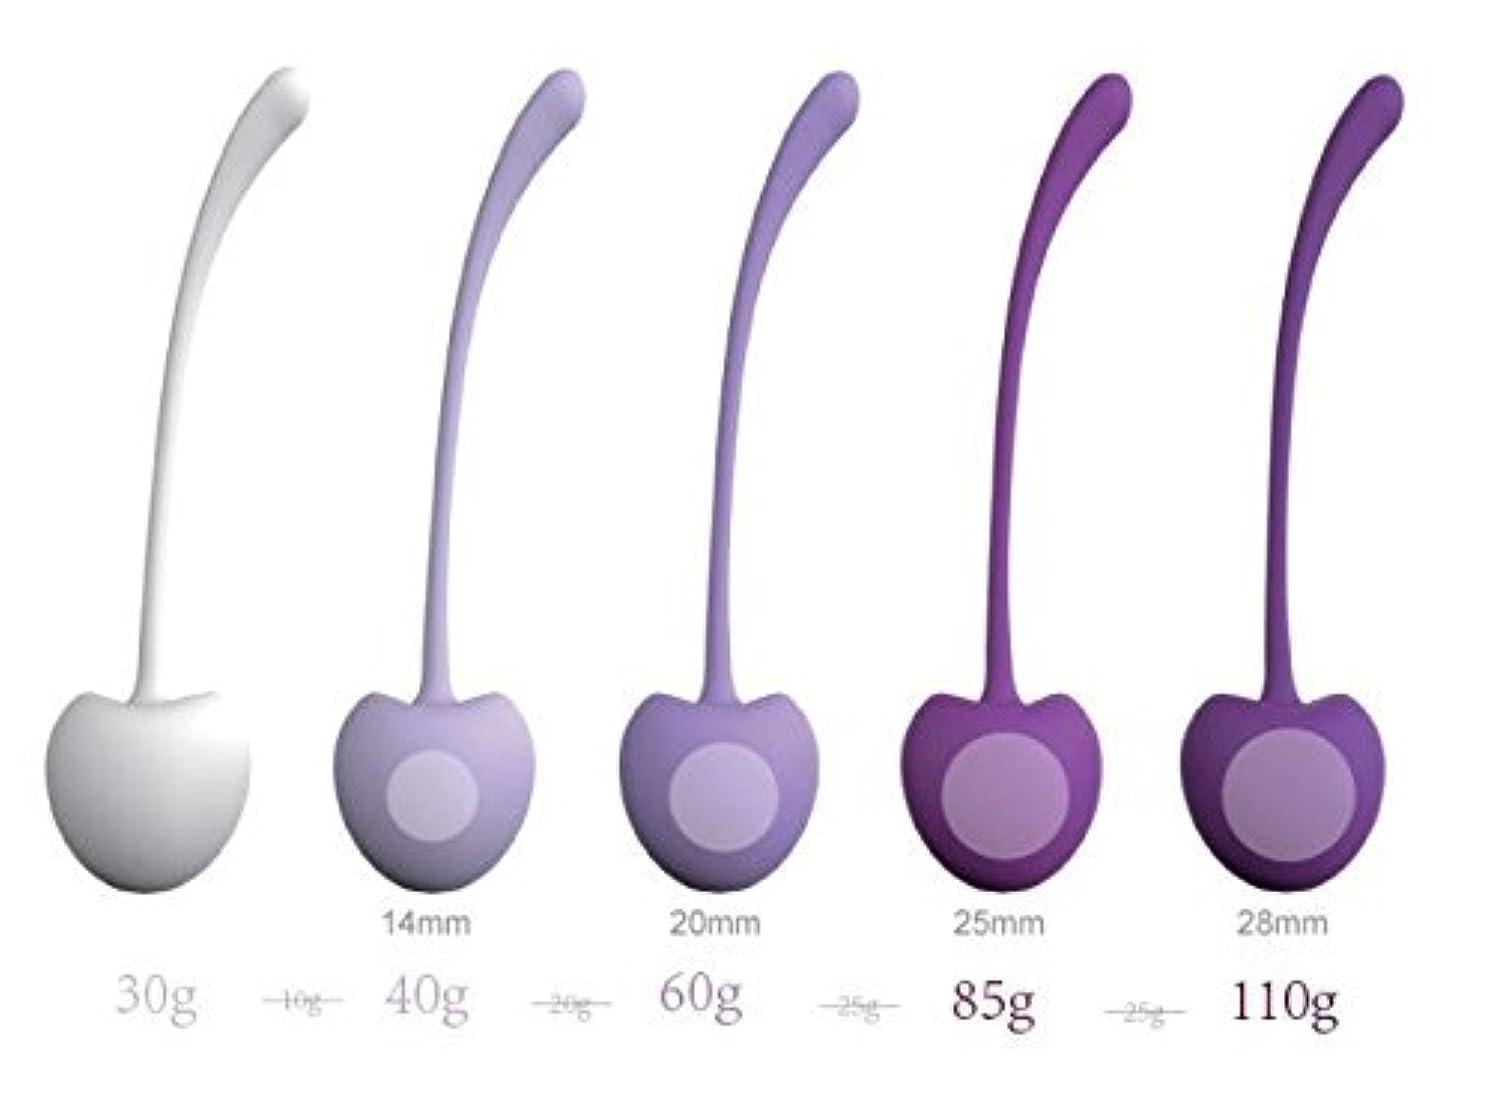 麻酔薬しない遵守する大人のおもちゃの初心者のための女性と産後の母親のために設計されたケーキボールダンベル(5個)